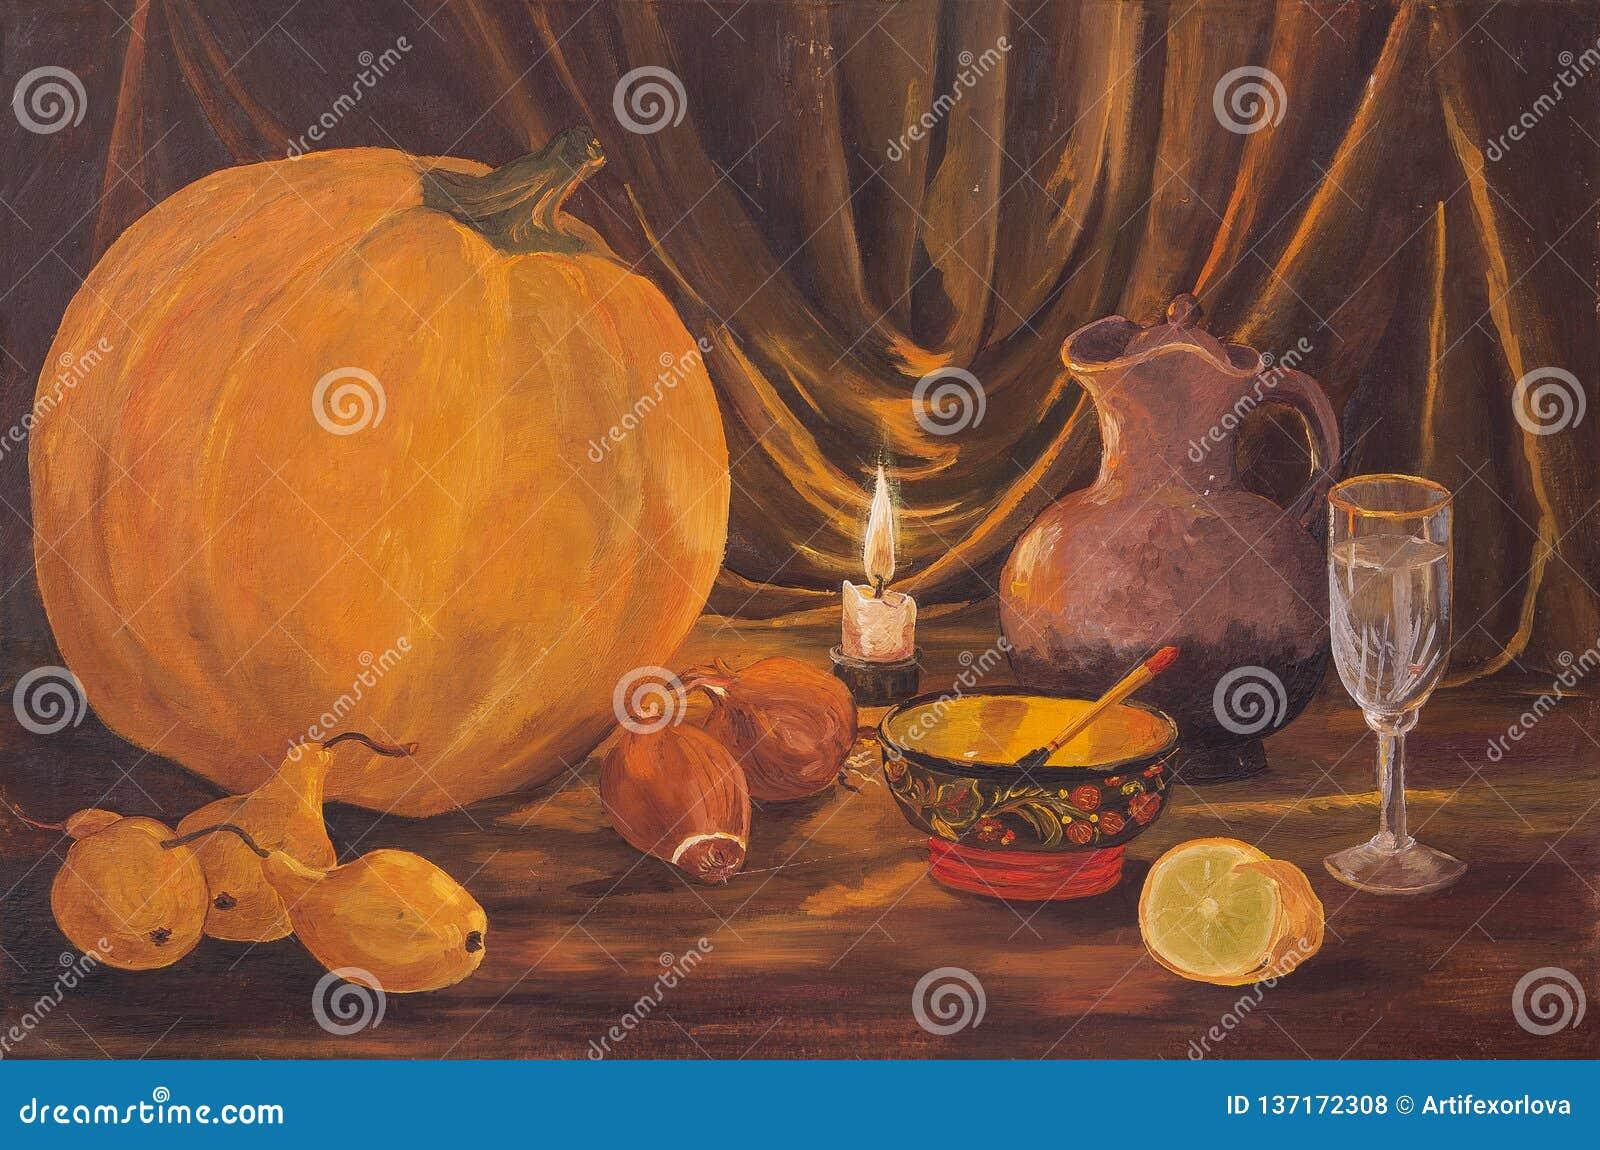 Концепция благодарения осени темная с тыквами, грушей, луками, лимоном, шаром, бокалом, кувшином и горящими свечами на таблице